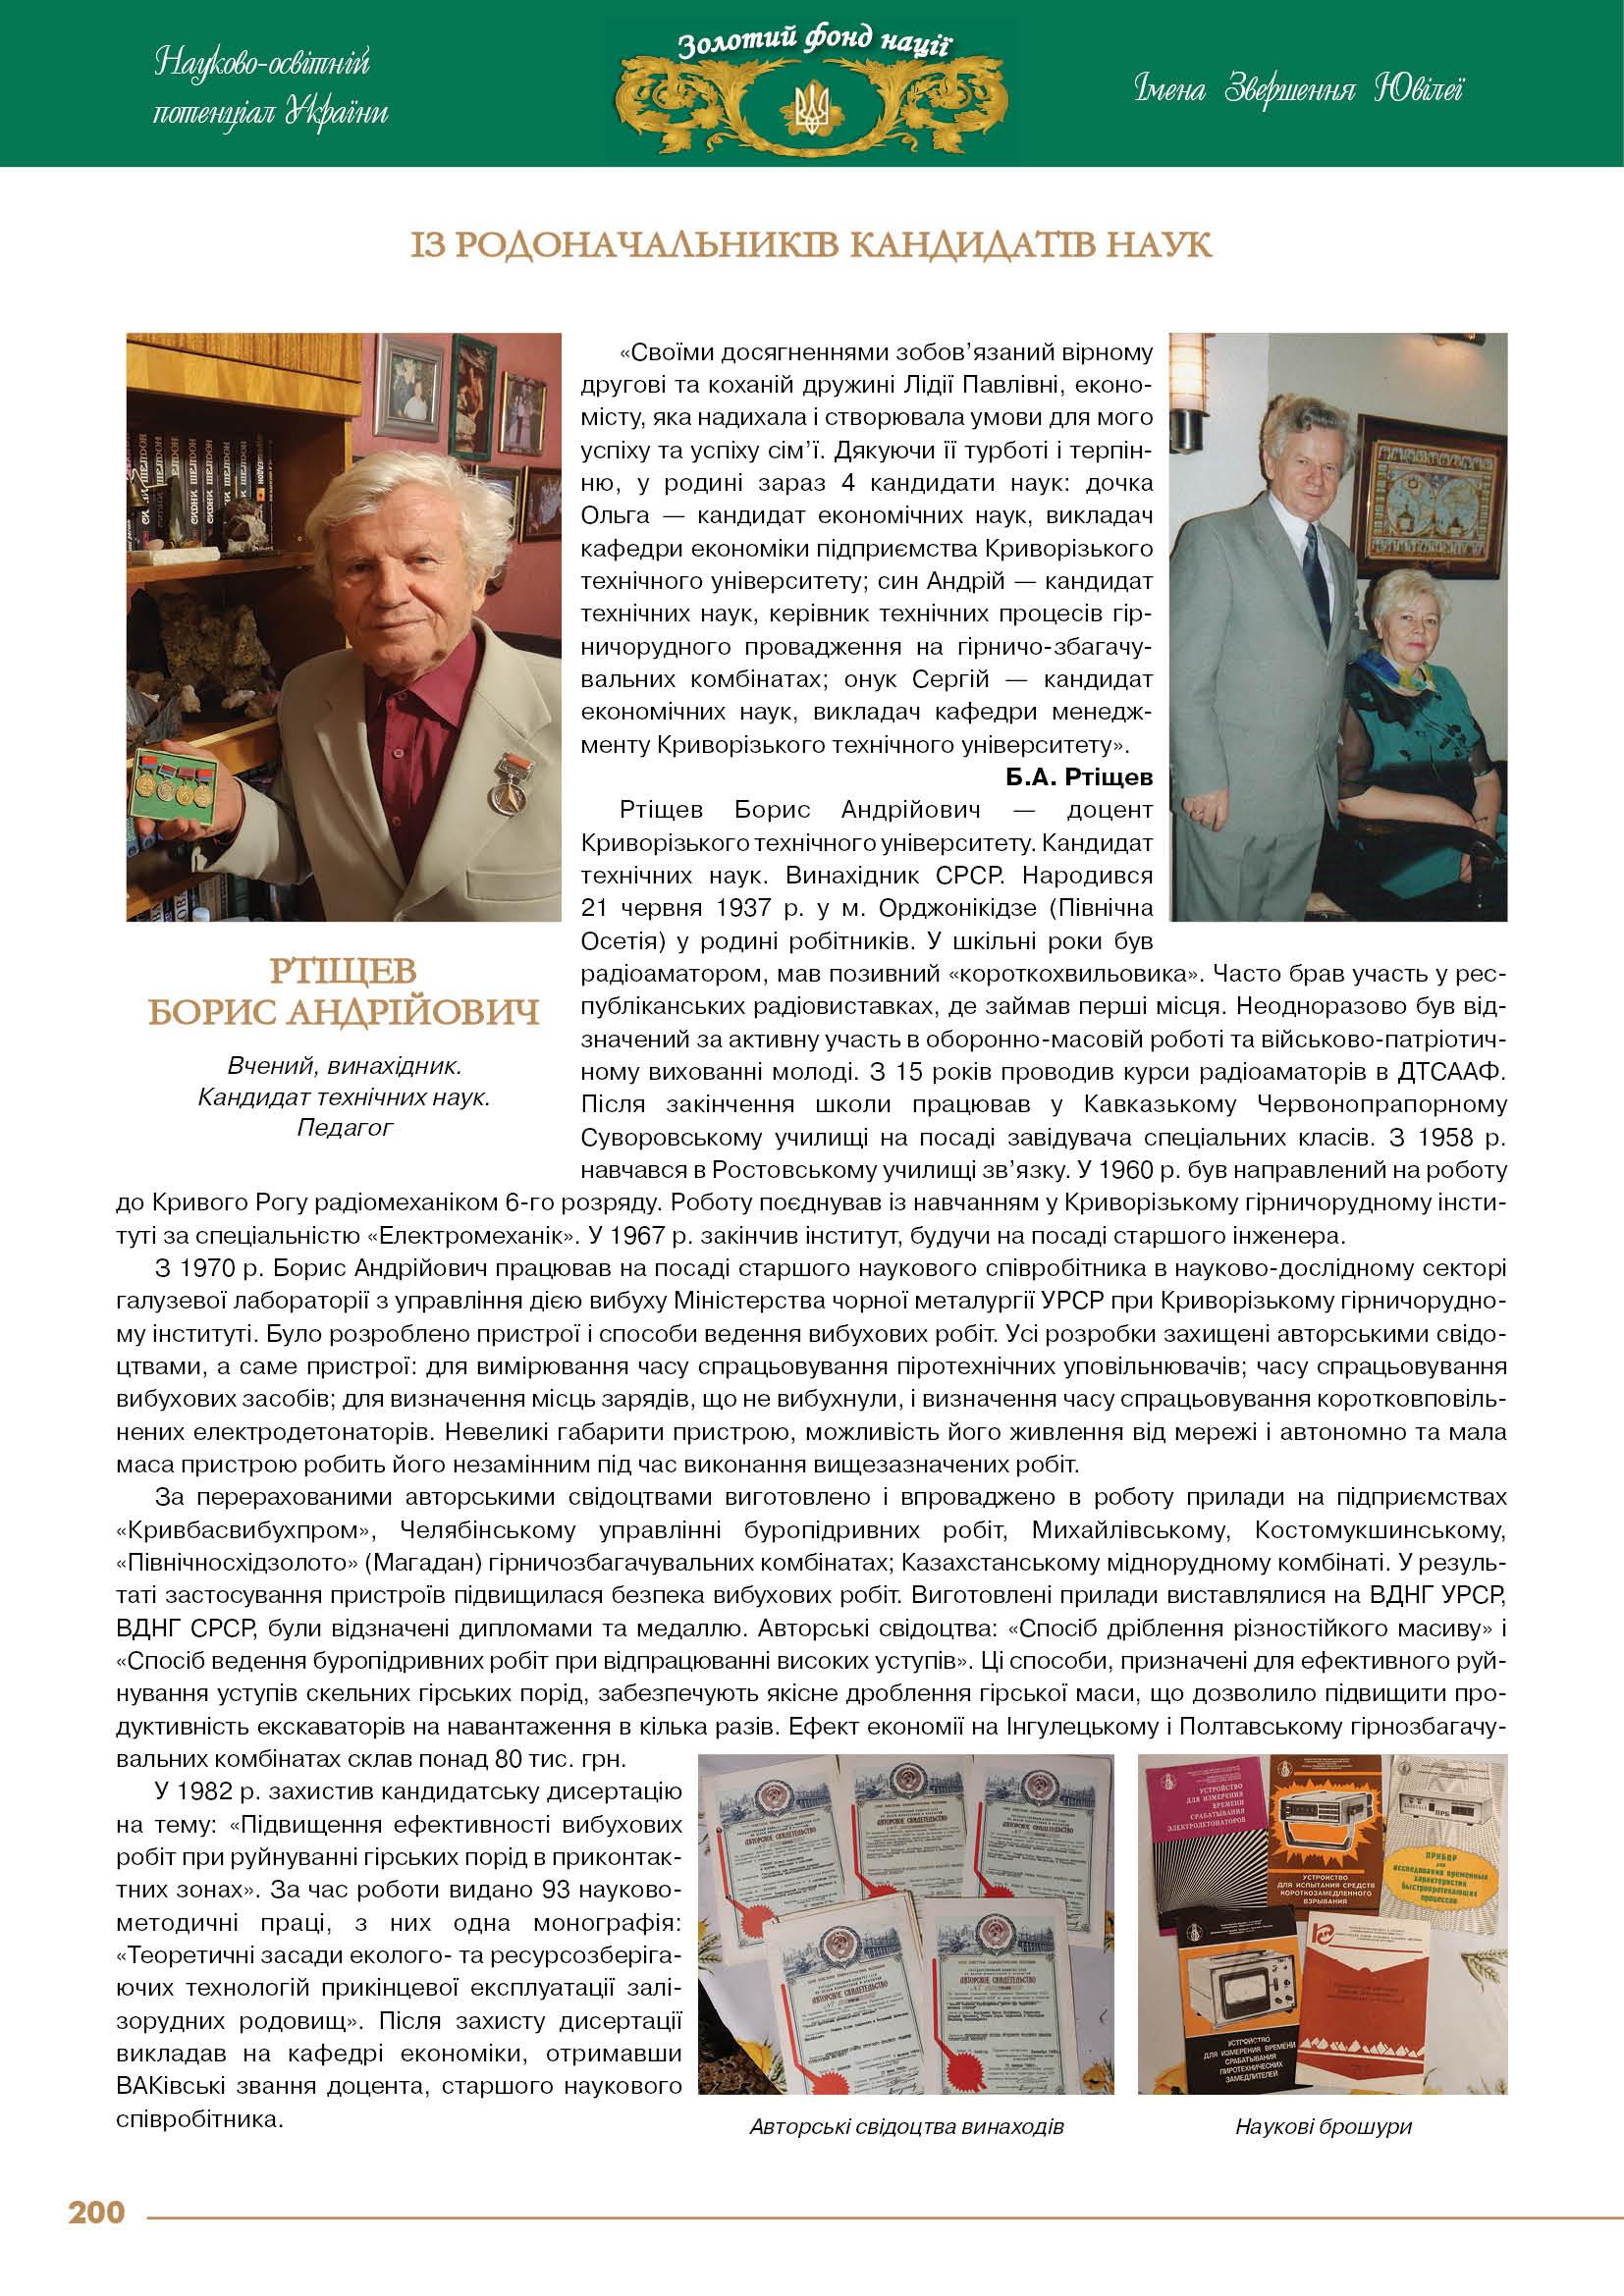 Ртіщев Борис Андрійович